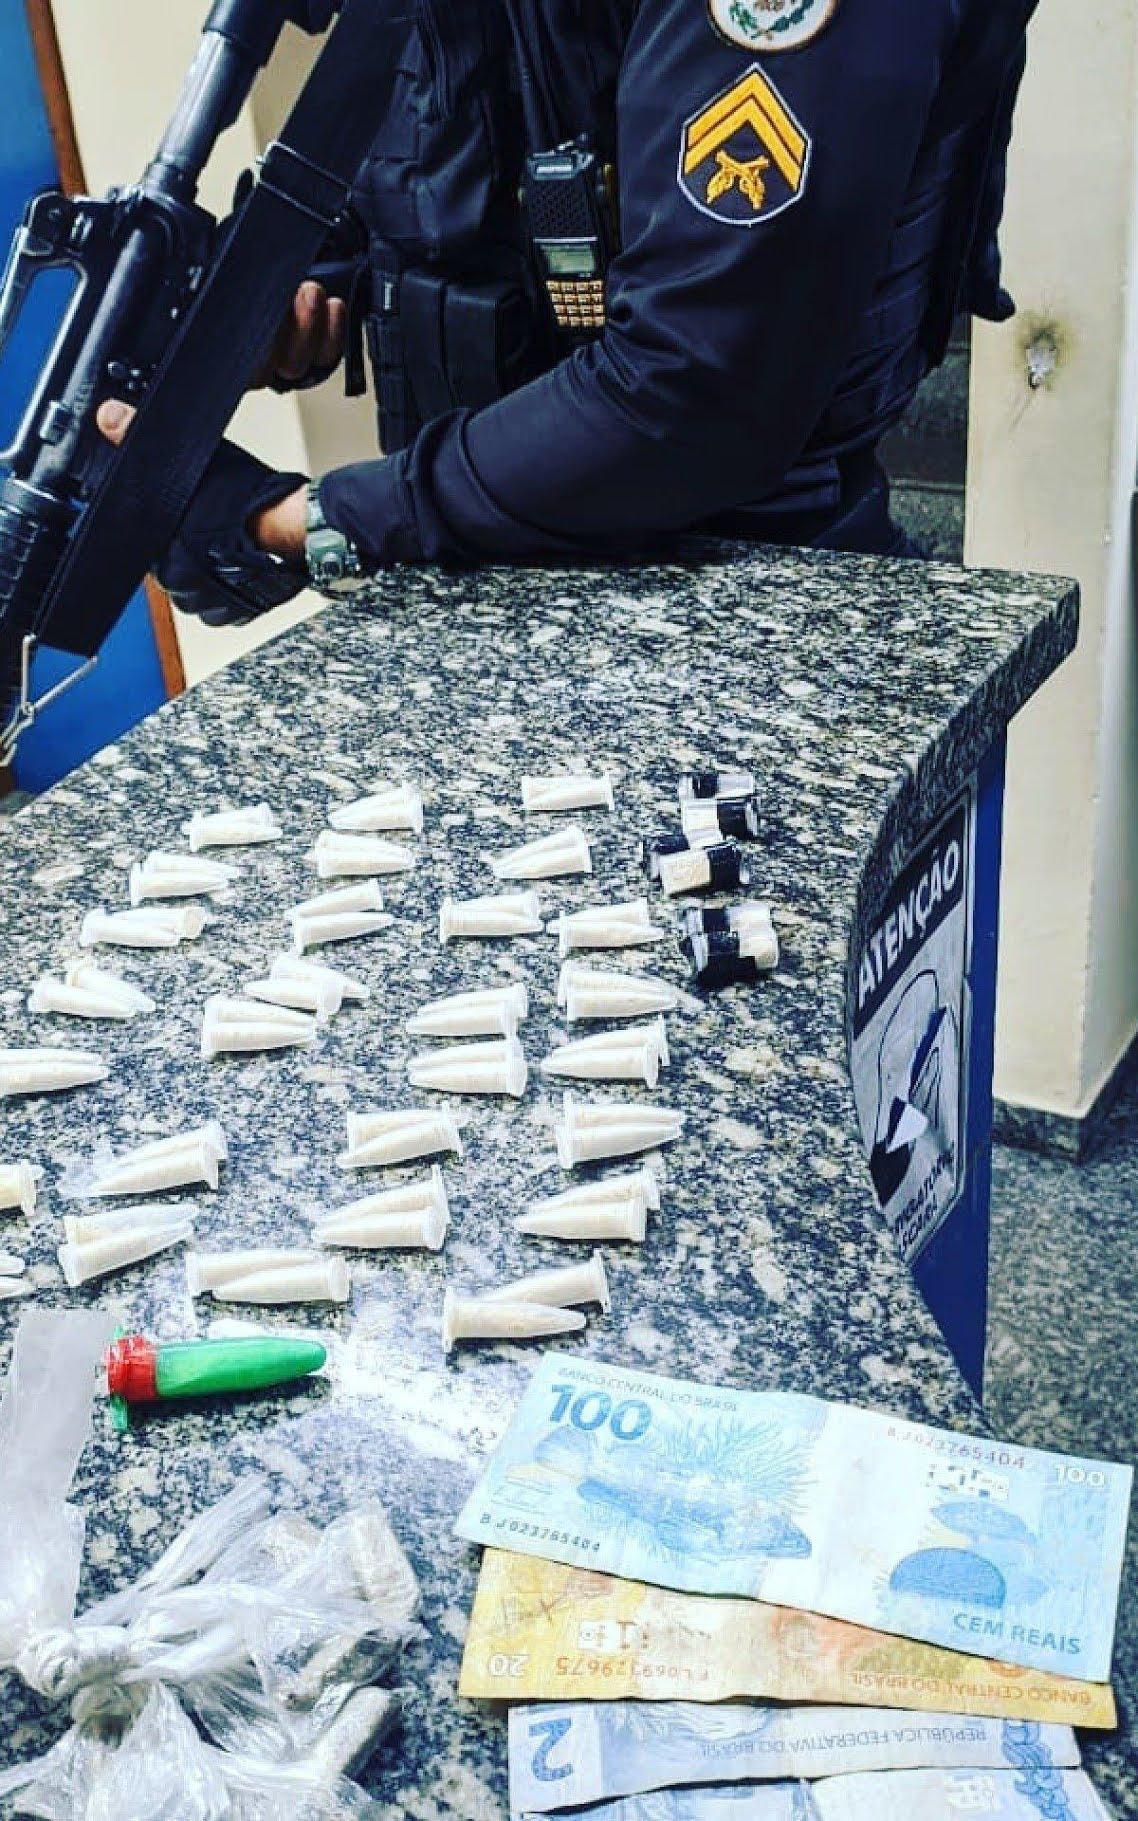 policiais-do-36-bpm-prendem-dupla-por-trafico-de-drogas-em-santo-antonio-de-padua